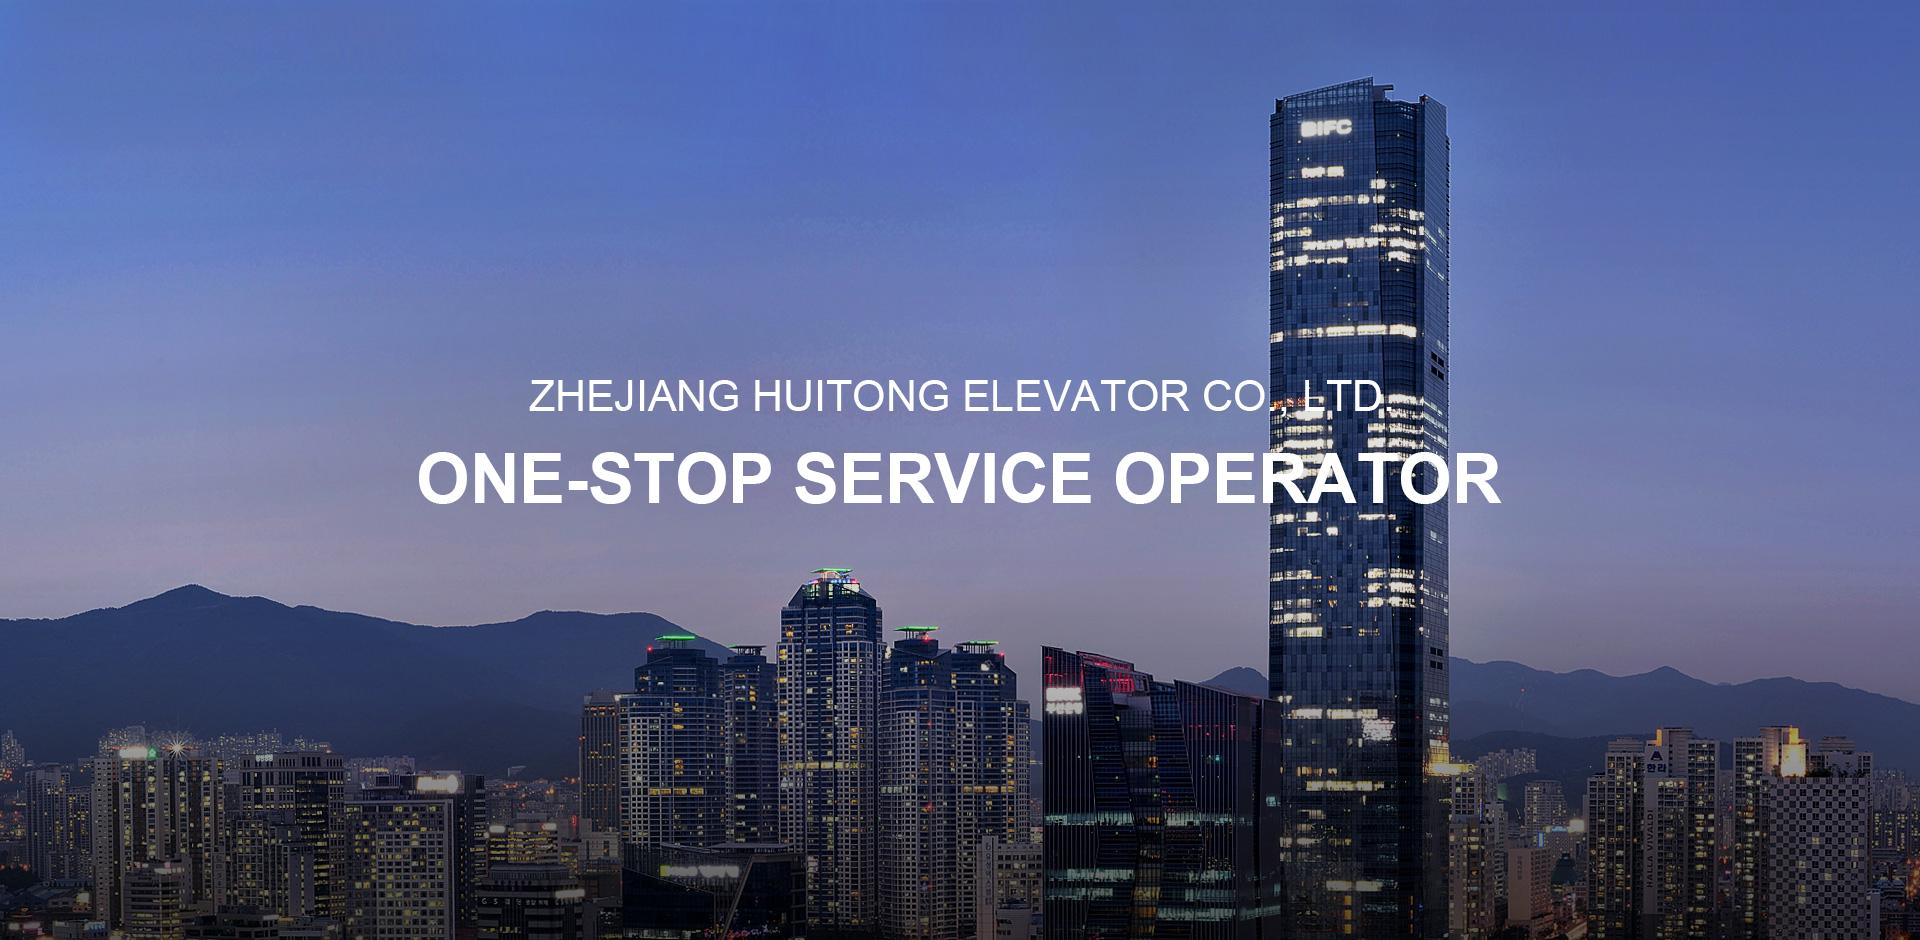 Zhejiang Huitong Elevator Co., Ltd.